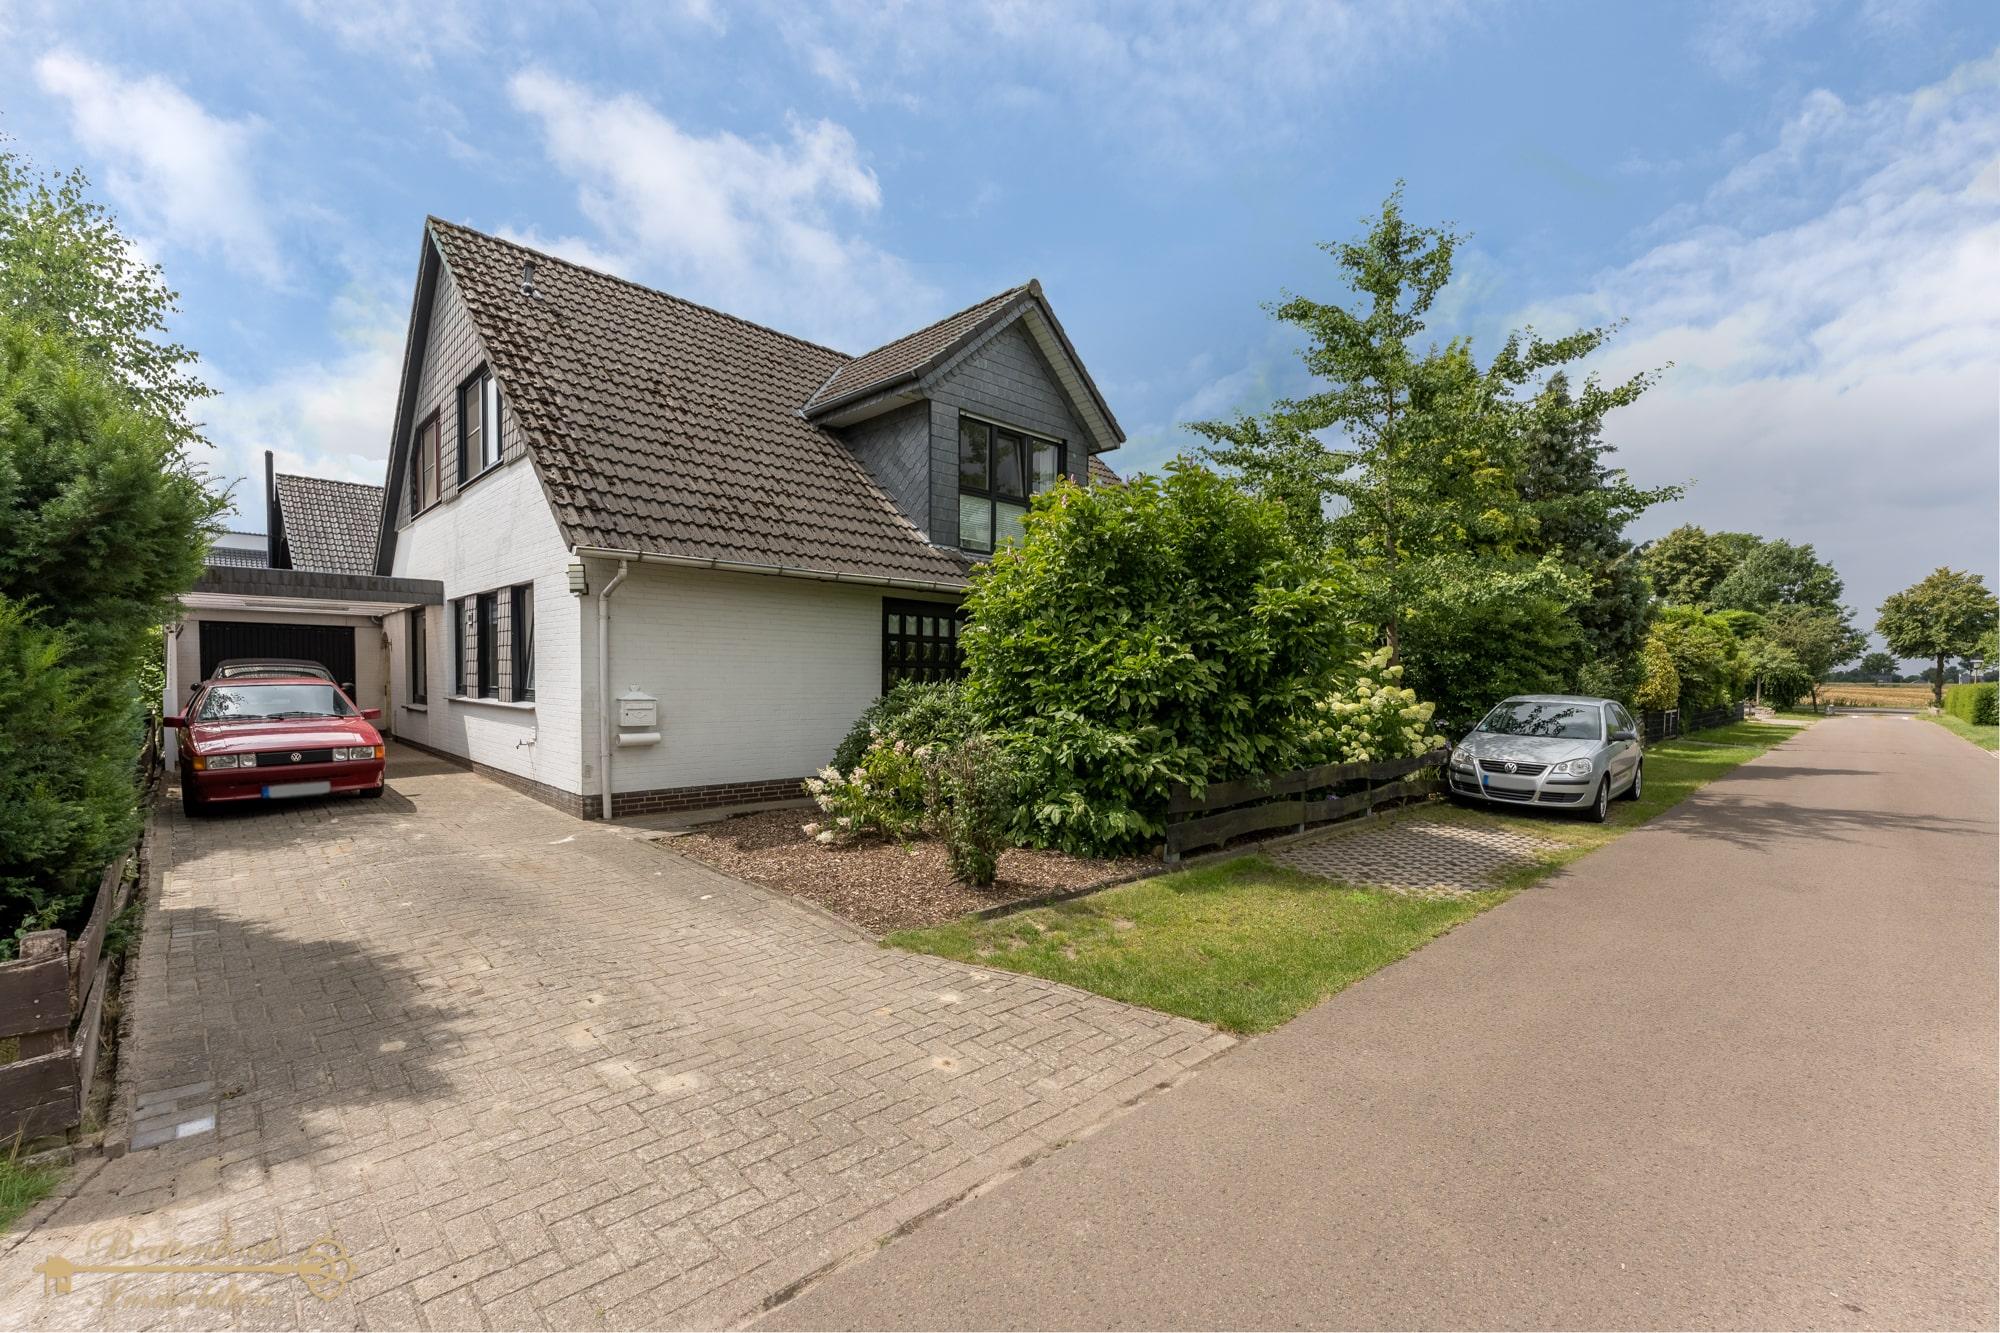 2021-07-27-Breitenbach-Immobilien-Makler-Bremen-6-min